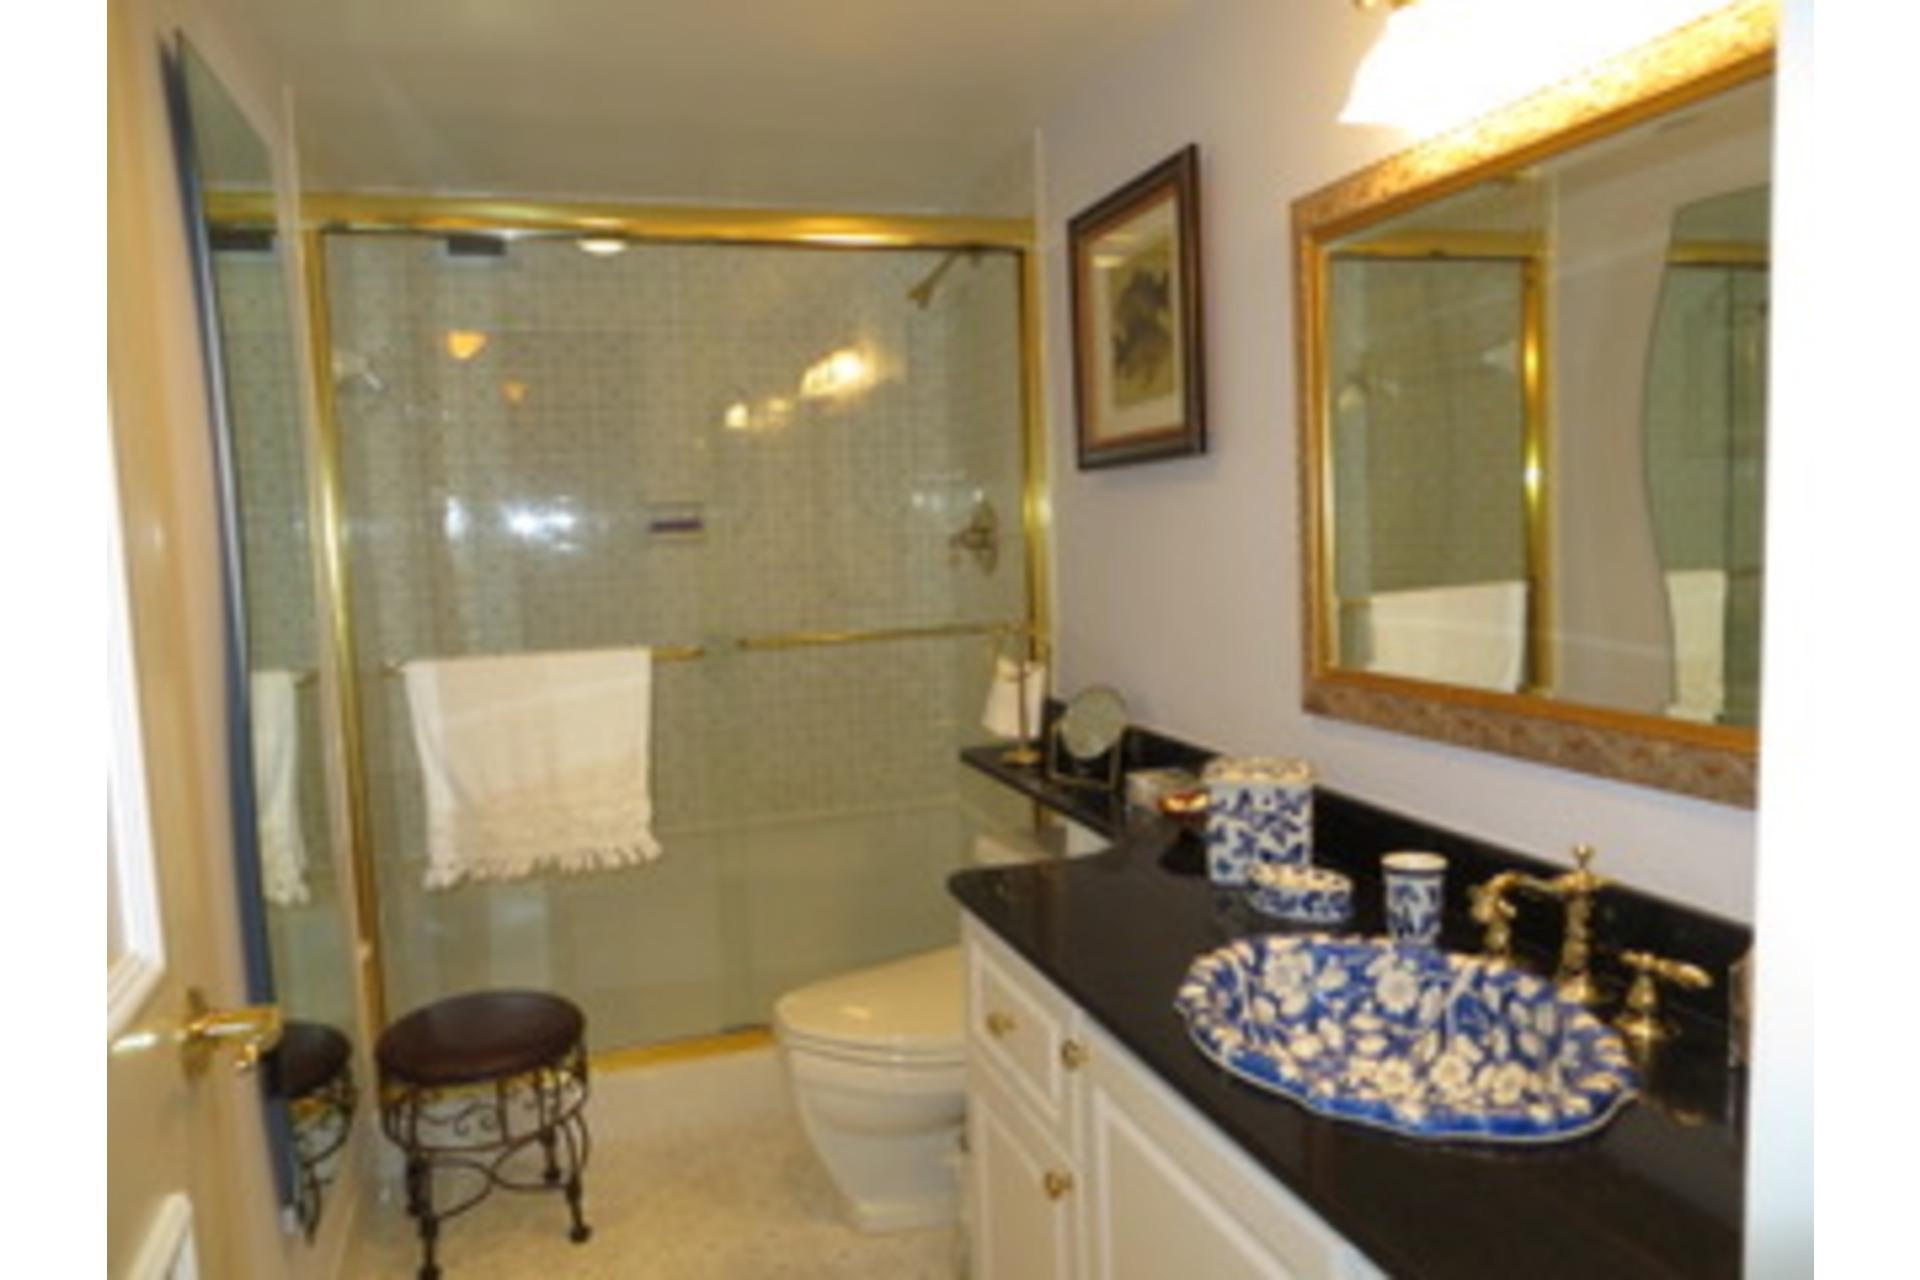 image 14 - Condo Short rental Hallandale Beach - 6 rooms